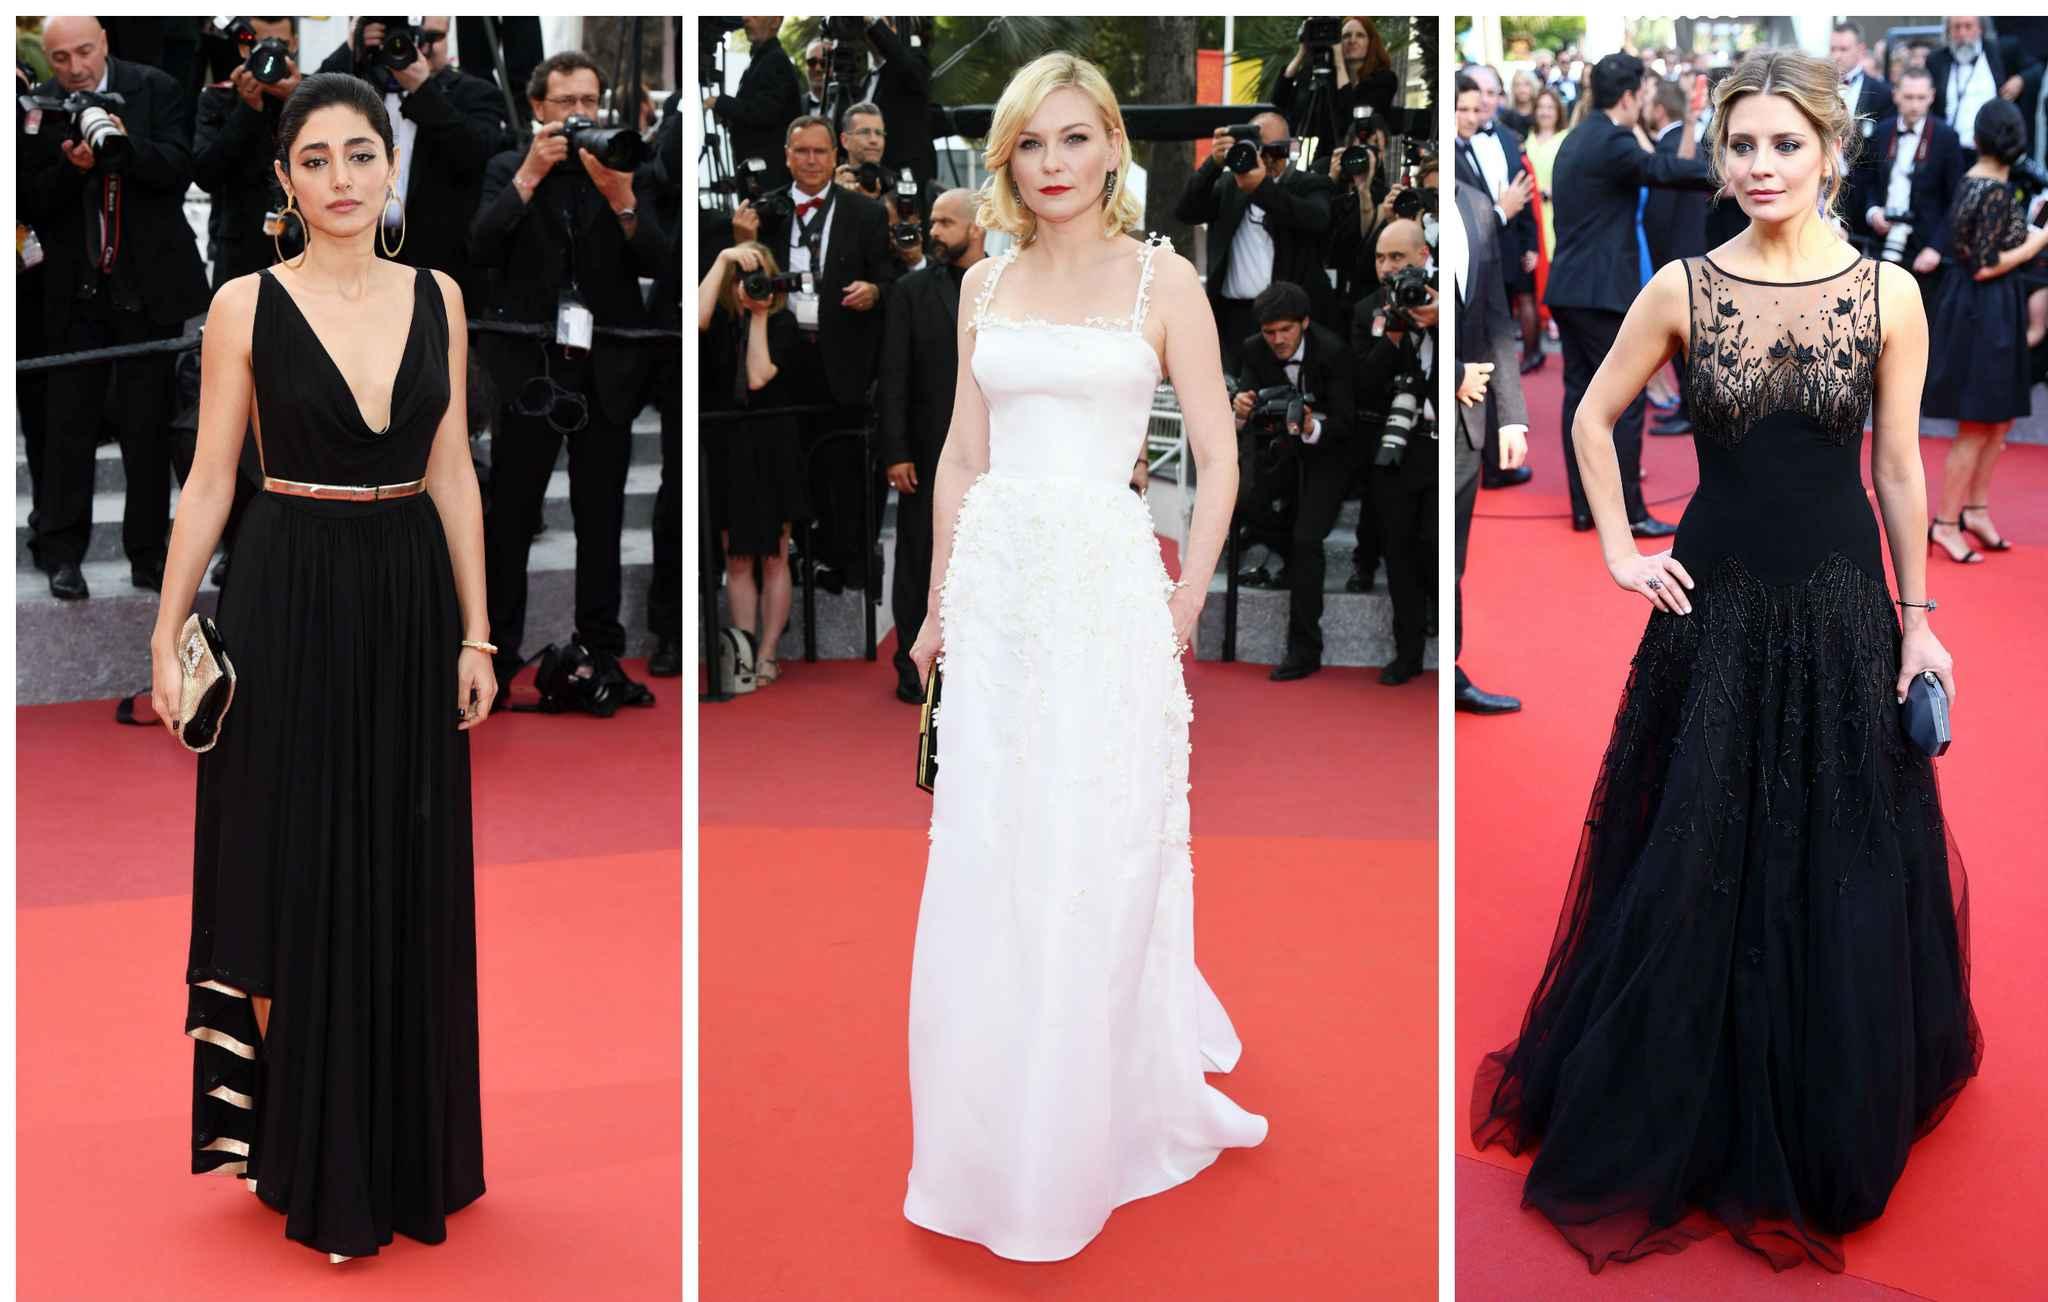 En Images Festival De Cannes Le Palmar S Des Looks Du Tapis Rouge Jour 6